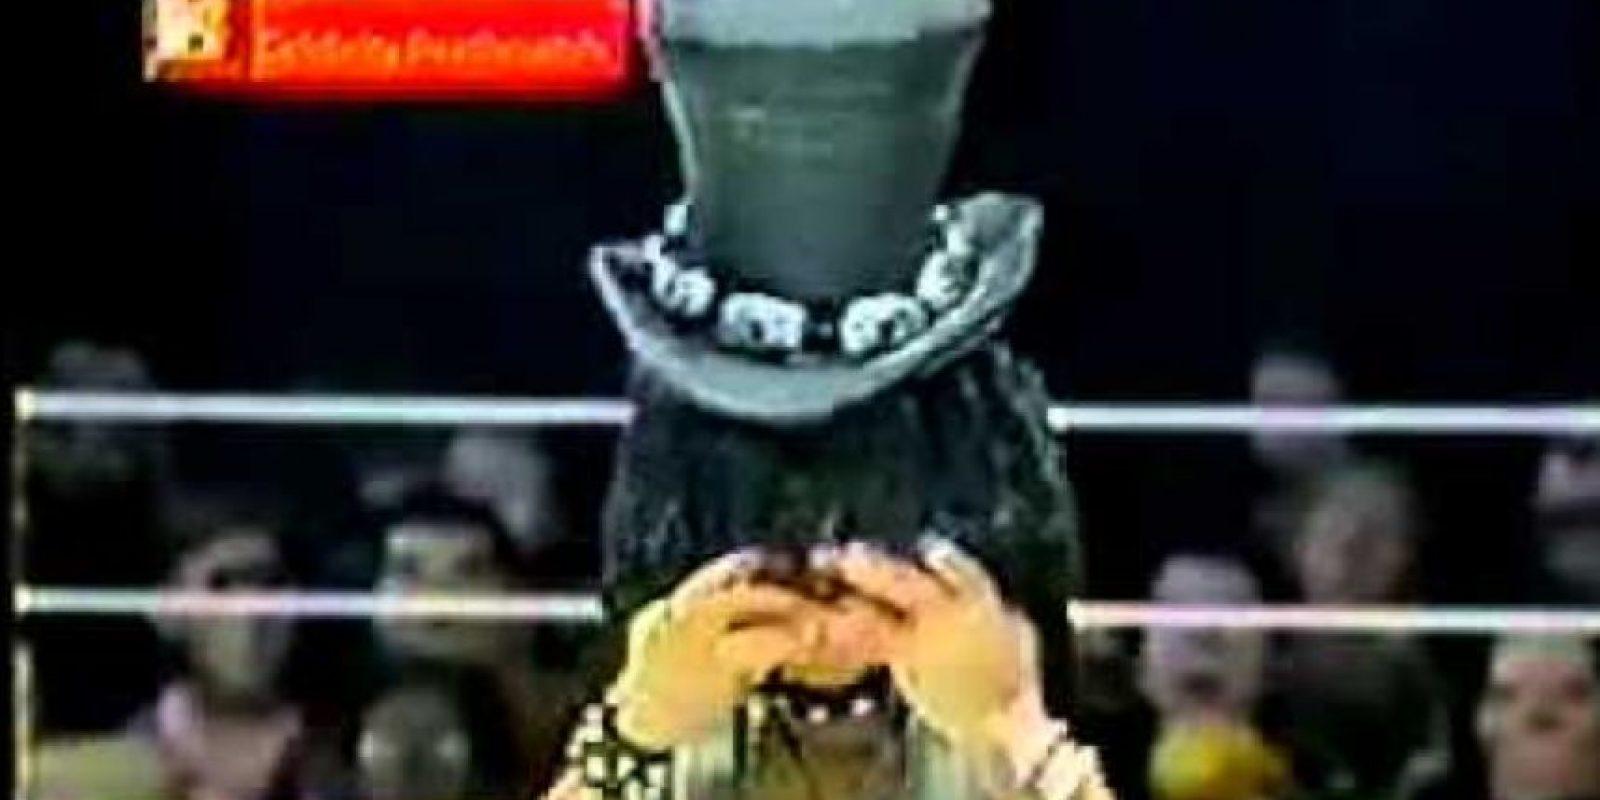 Eso hace que Slash enloquezca y lo corte en pedazos con tijeras. Foto:vía MTV